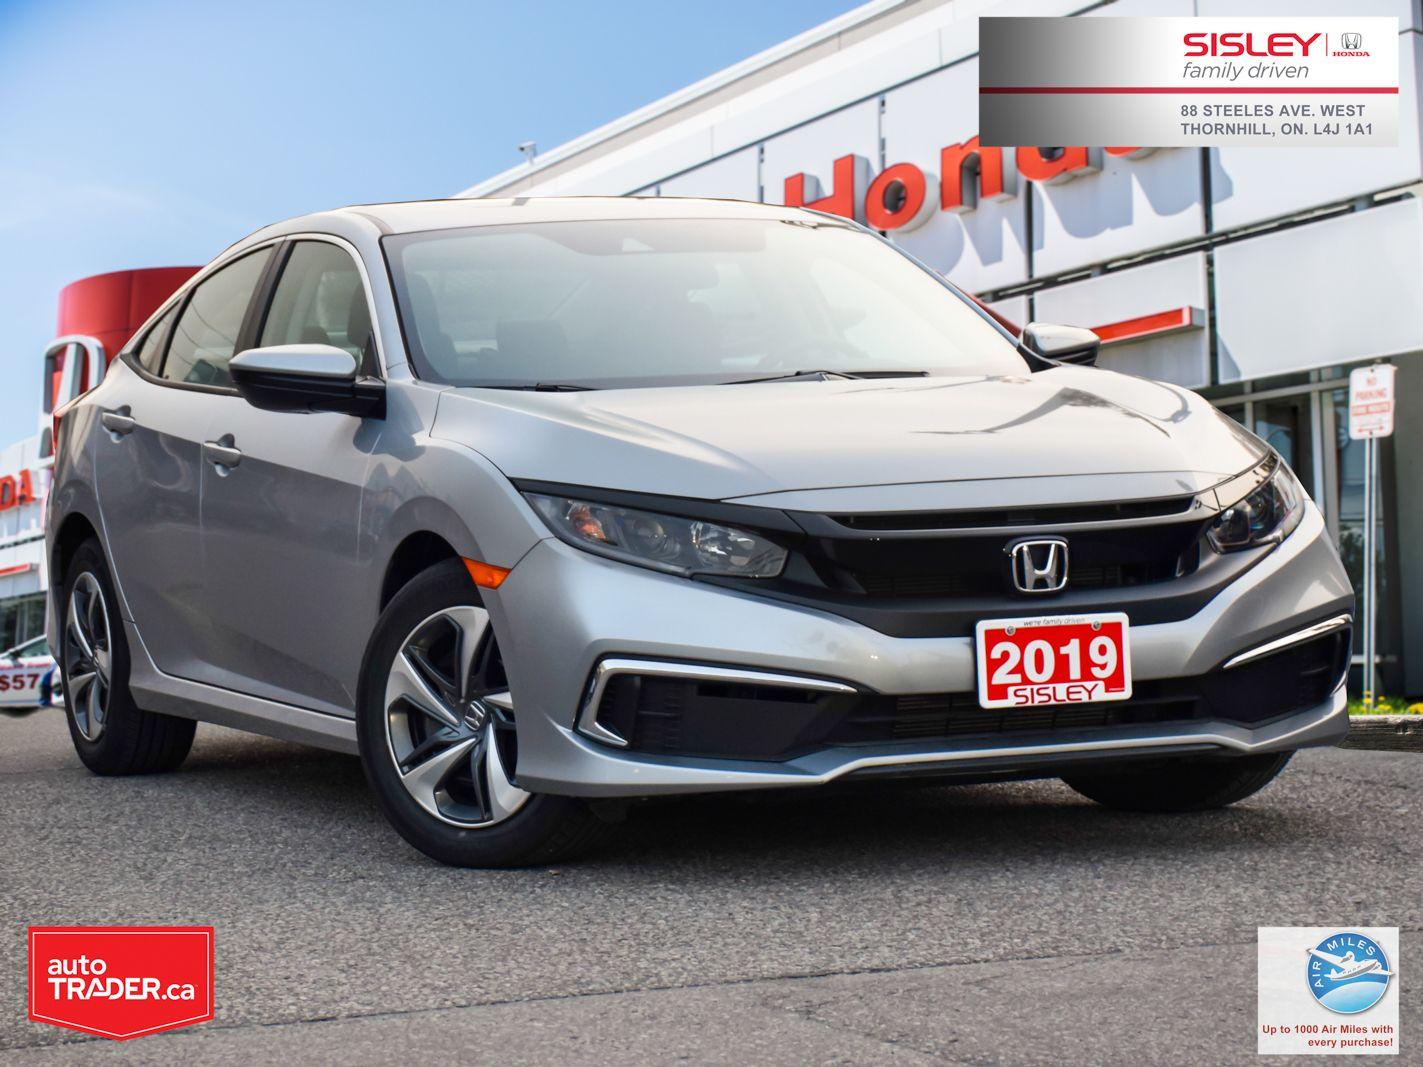 2019 Honda Civic Sedan Image